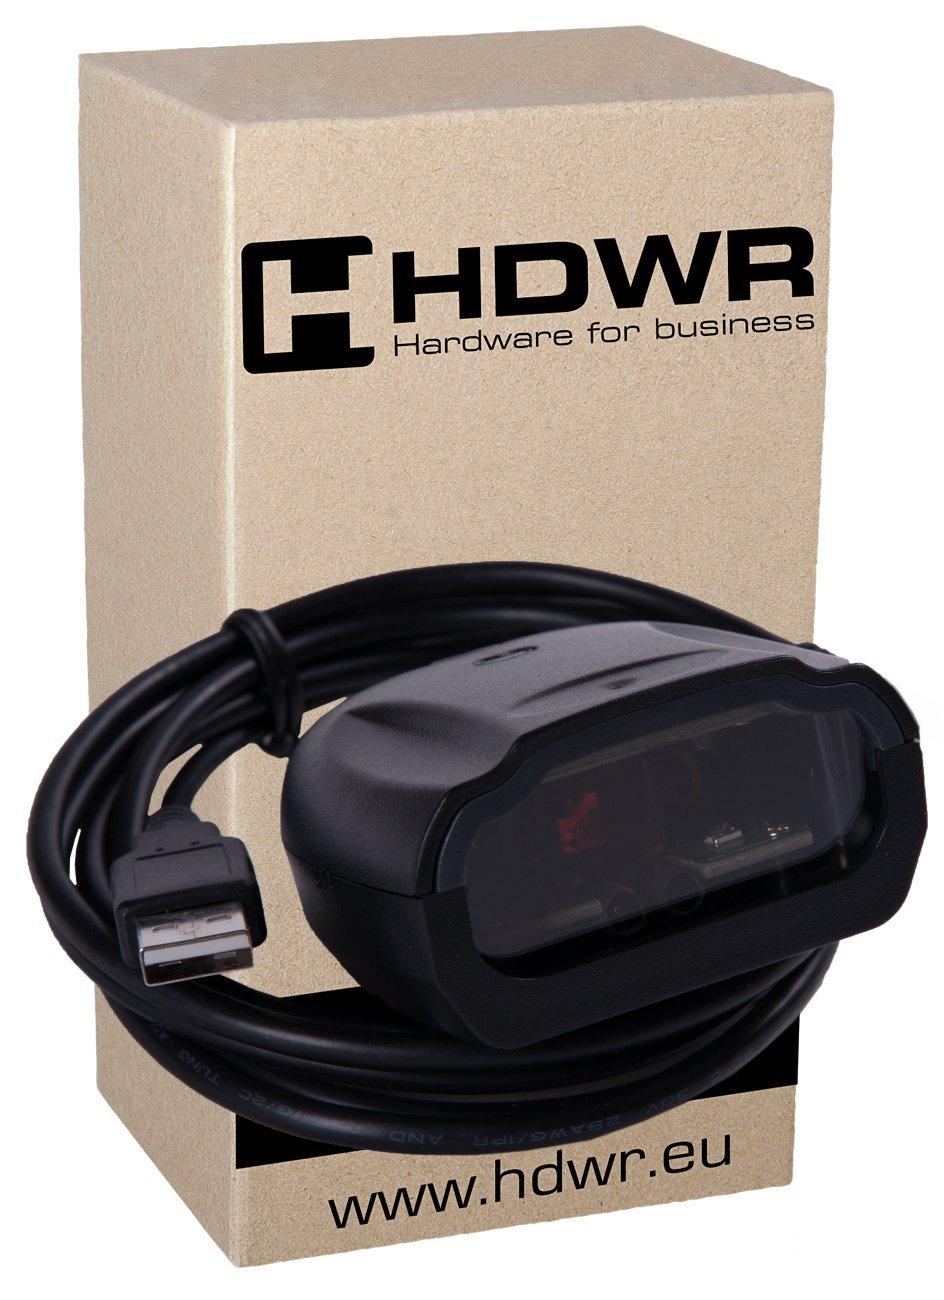 Fisso USB professionale automatico lettore di codici a barre, scanner di codici, Nero avanzata Molto veloce, HD-S80 HDWR